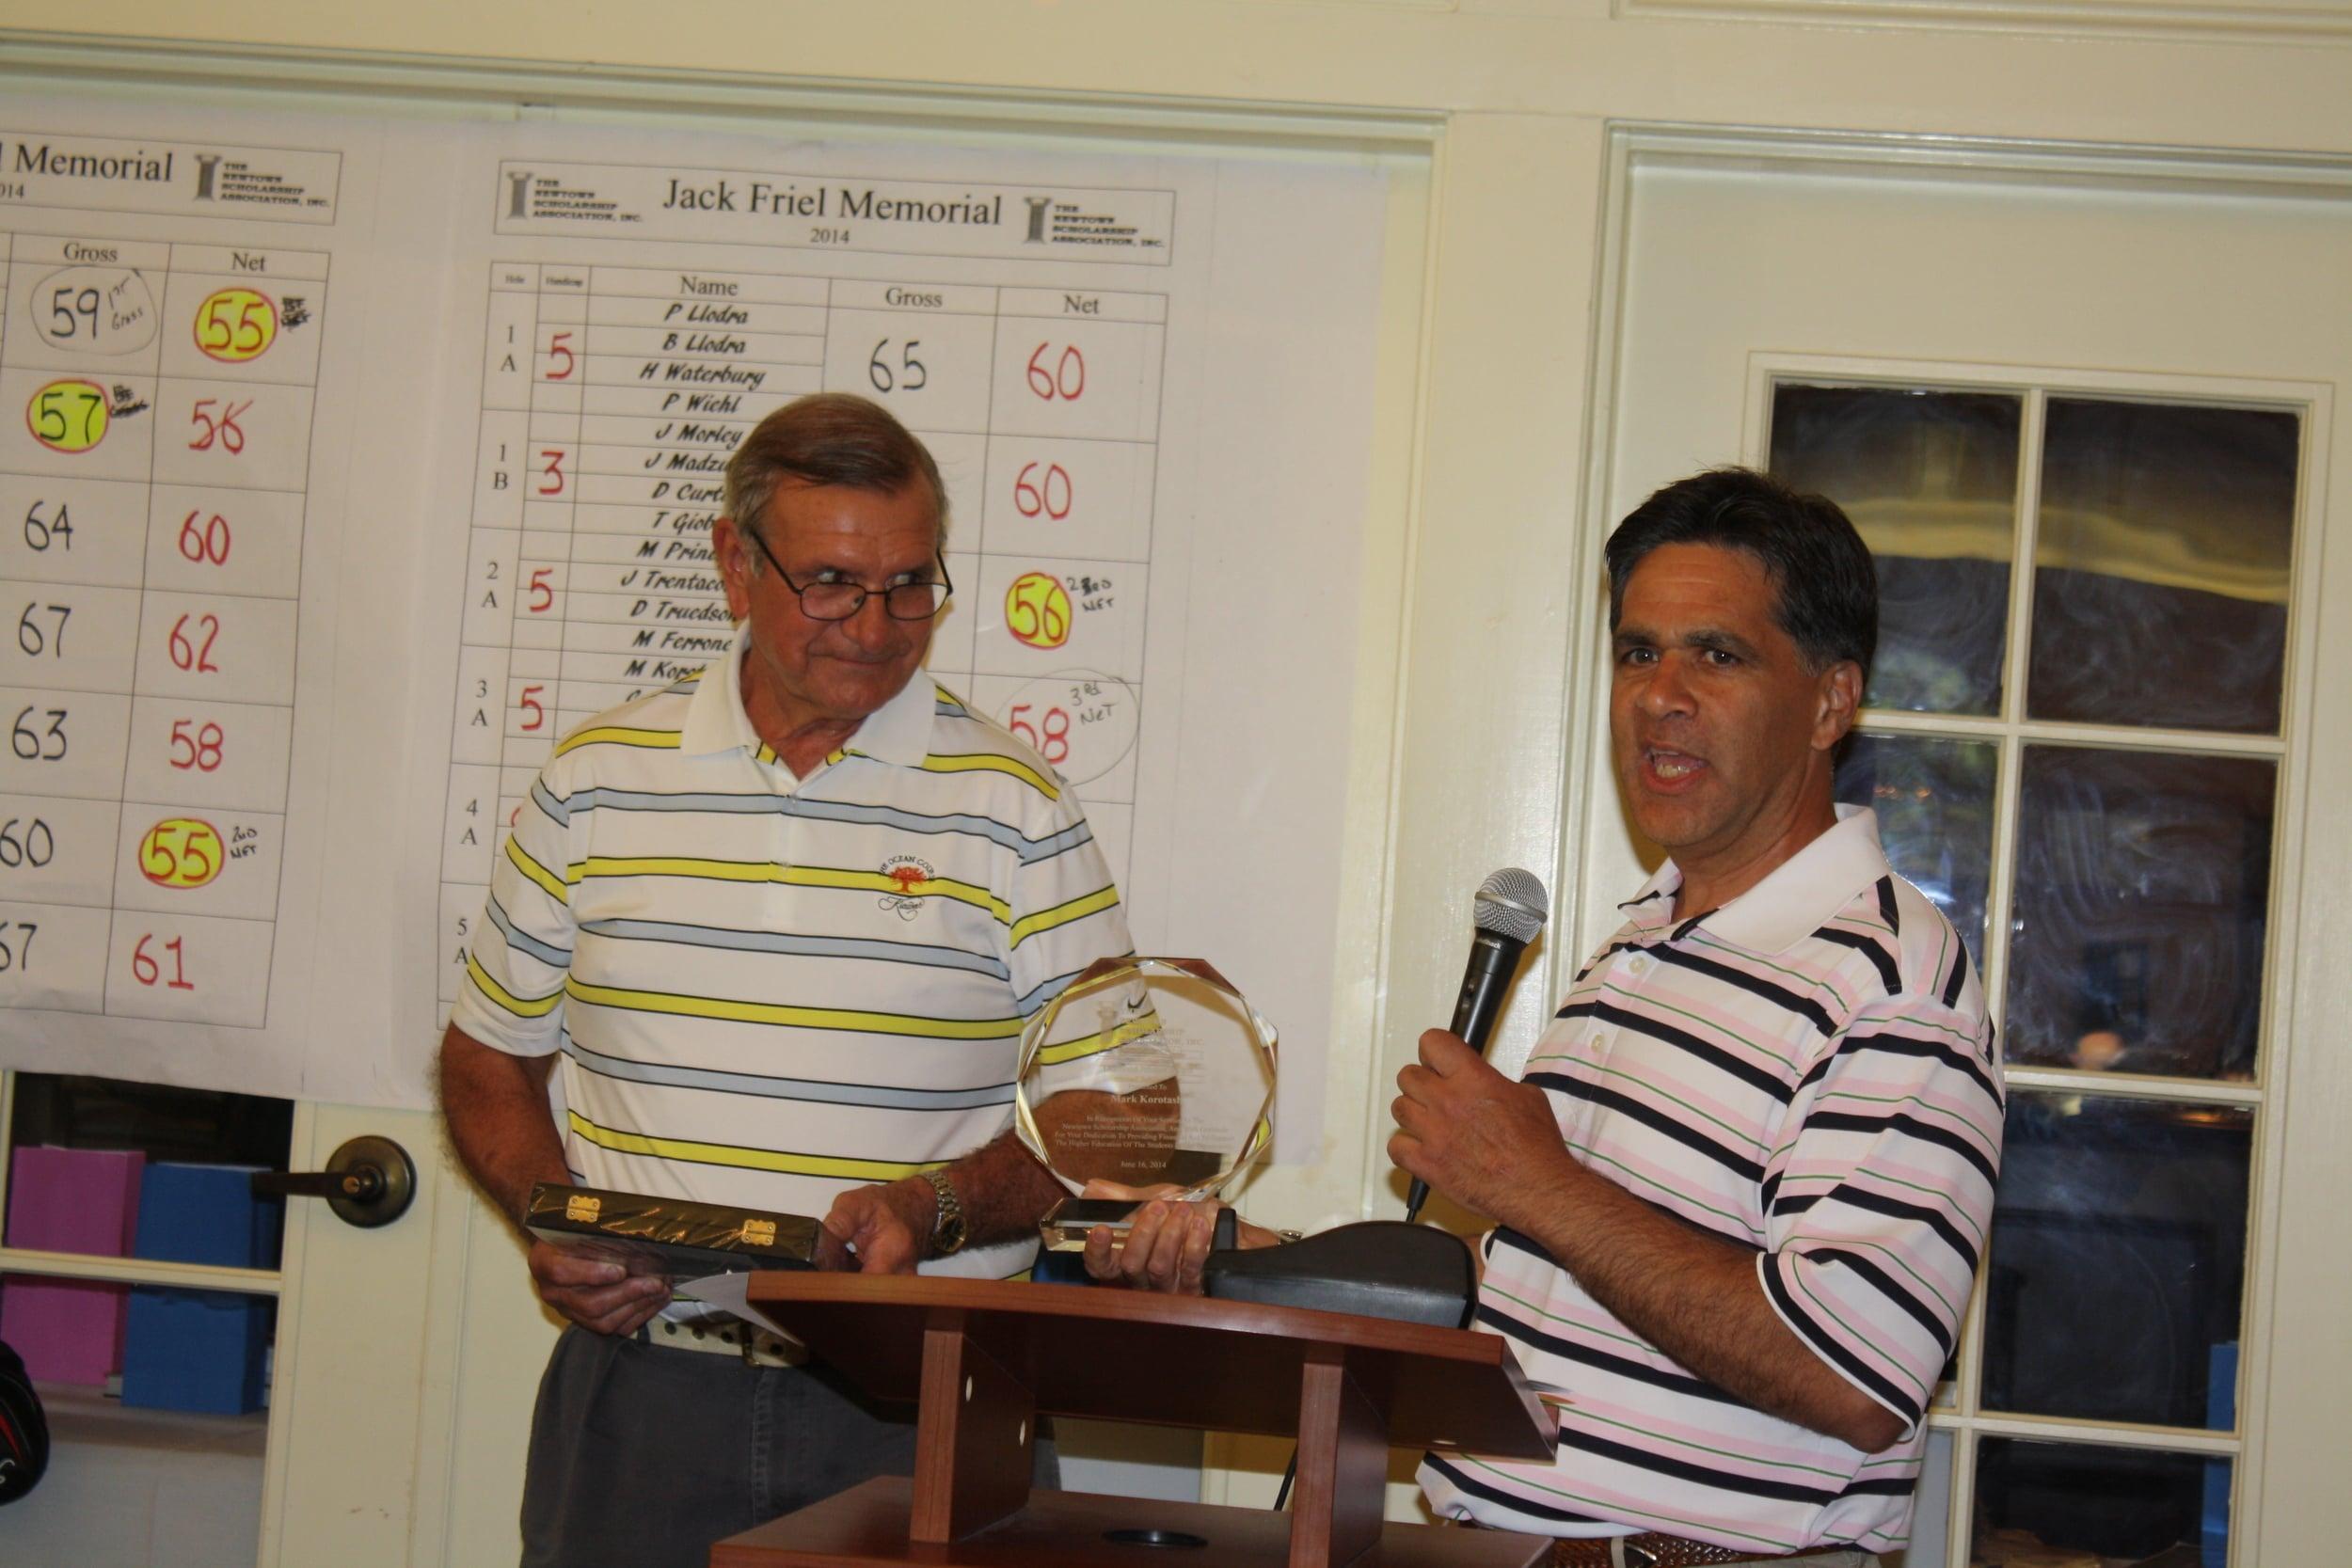 061614 rrcc golf dinner recogognition Osborne Korotash 5473.JPG